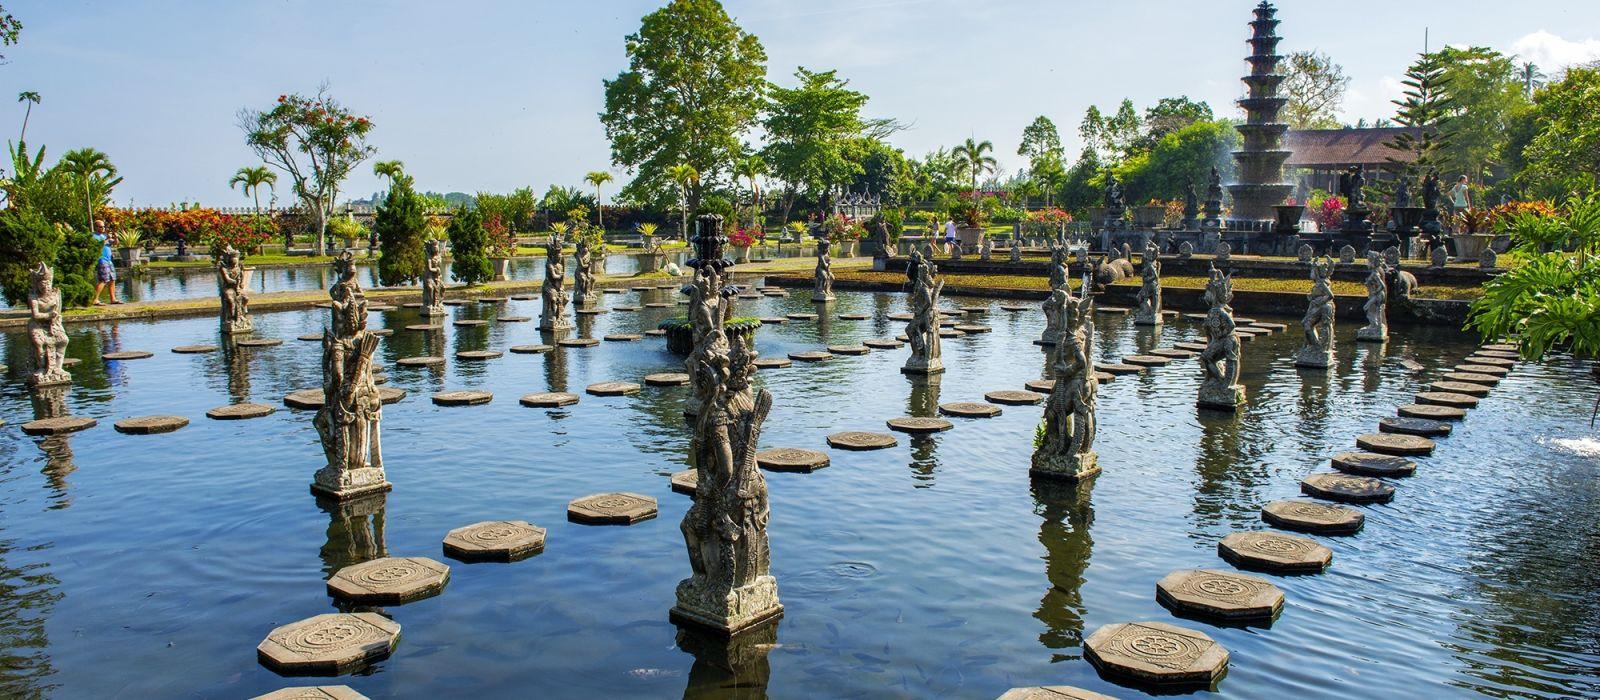 Indonesien: Von Insel zu Insel & Bali Urlaub 3